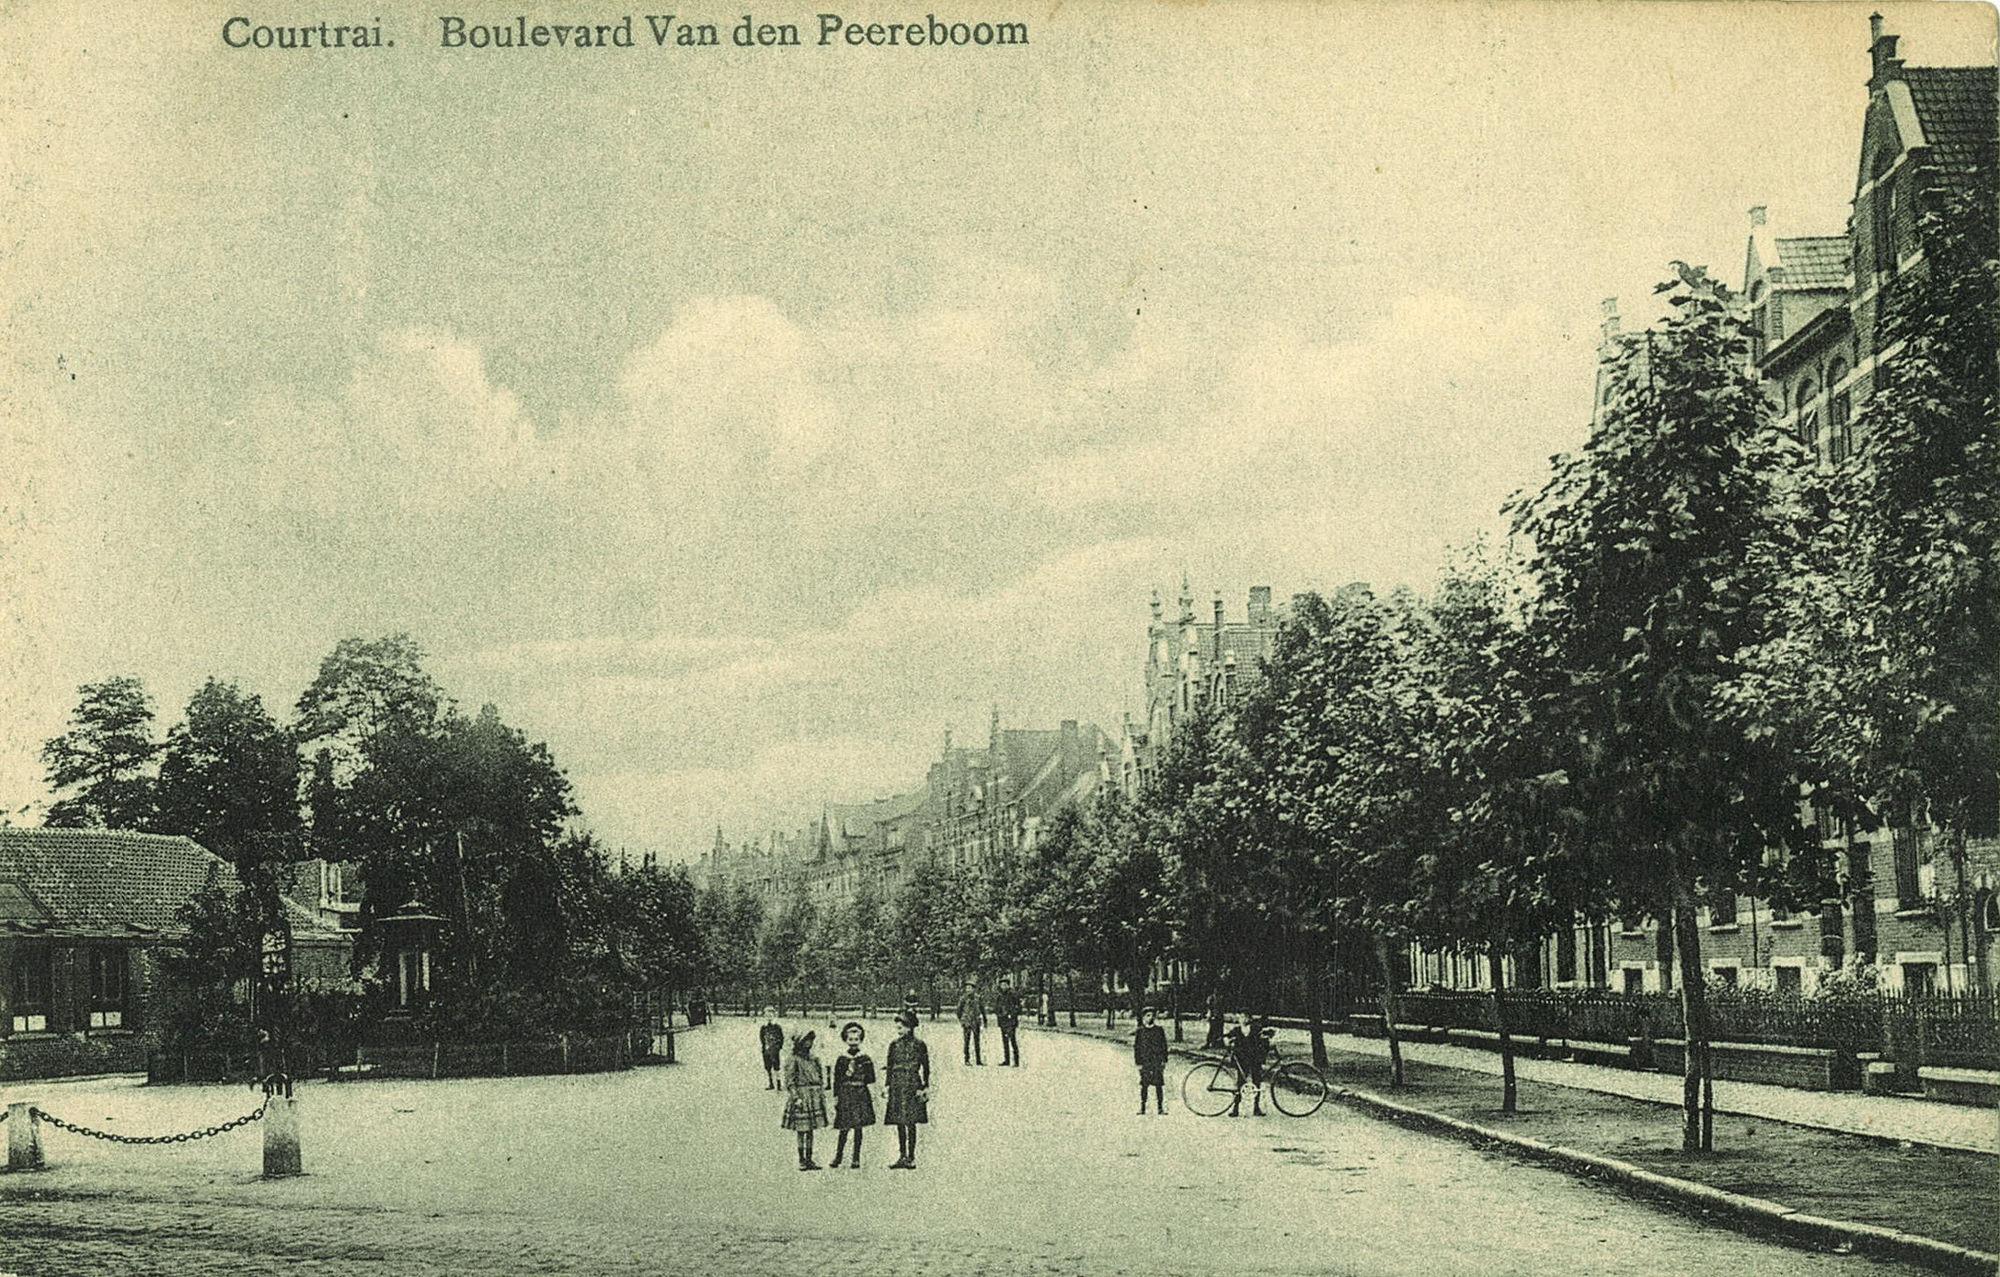 Minister Vanden Peereboomlaan